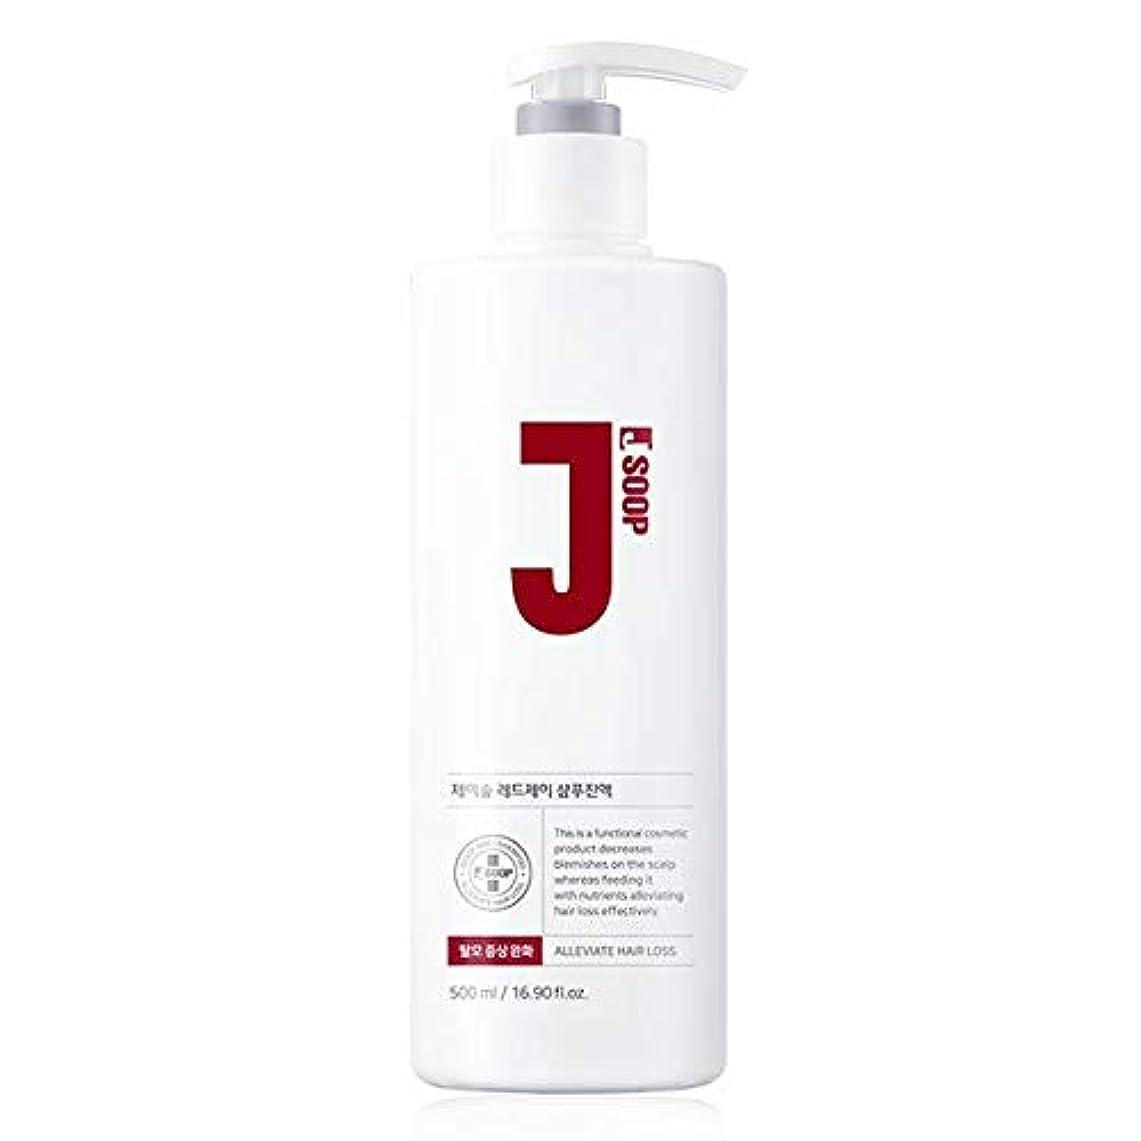 機関パスコーンJSOOP レッドJ シャンプー / 抜け毛の悩みに / Red J Shampoo (500ml) [並行輸入品]